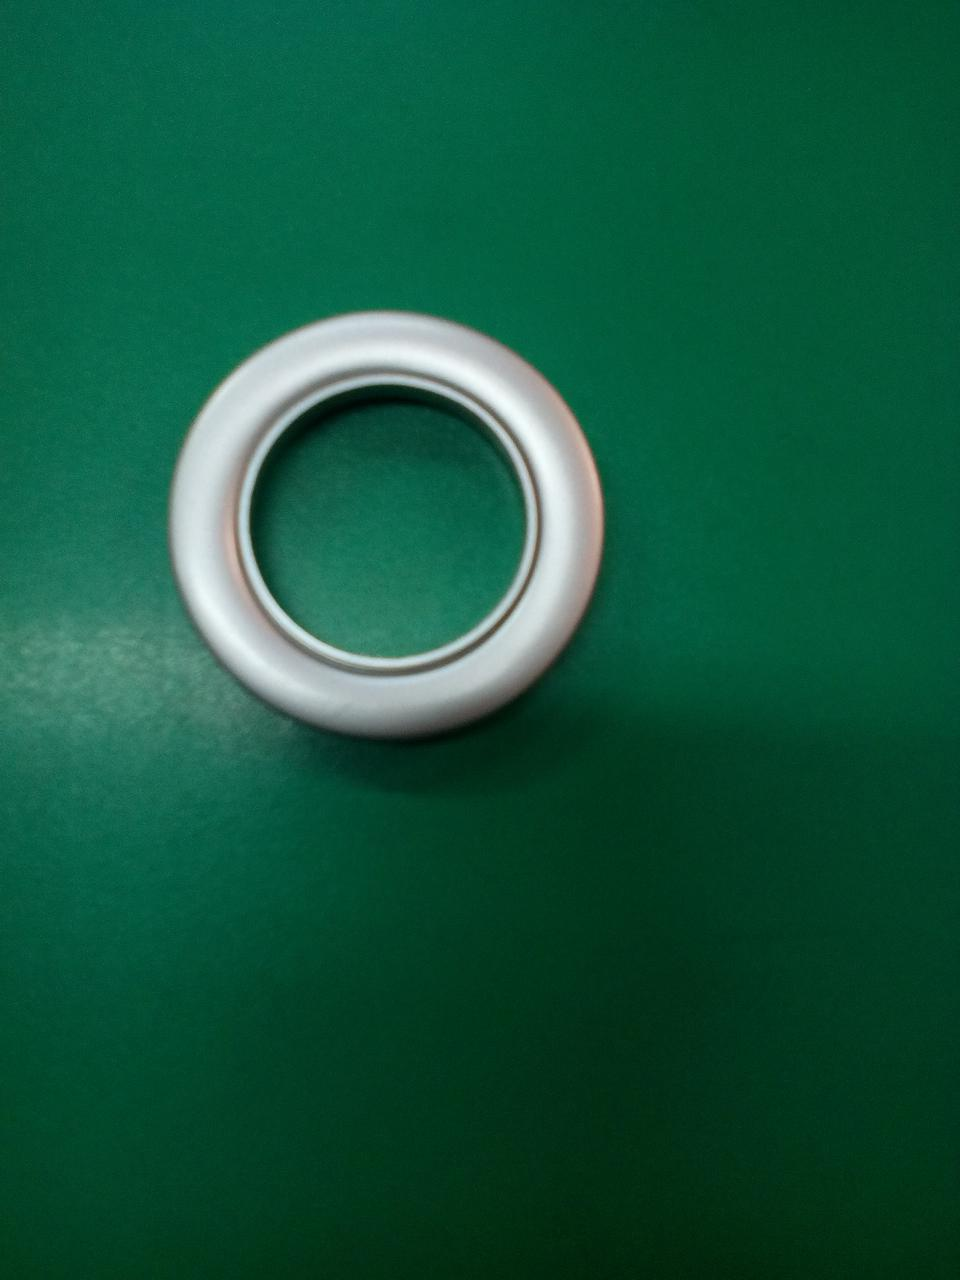 Люверсы сатин 35 мм